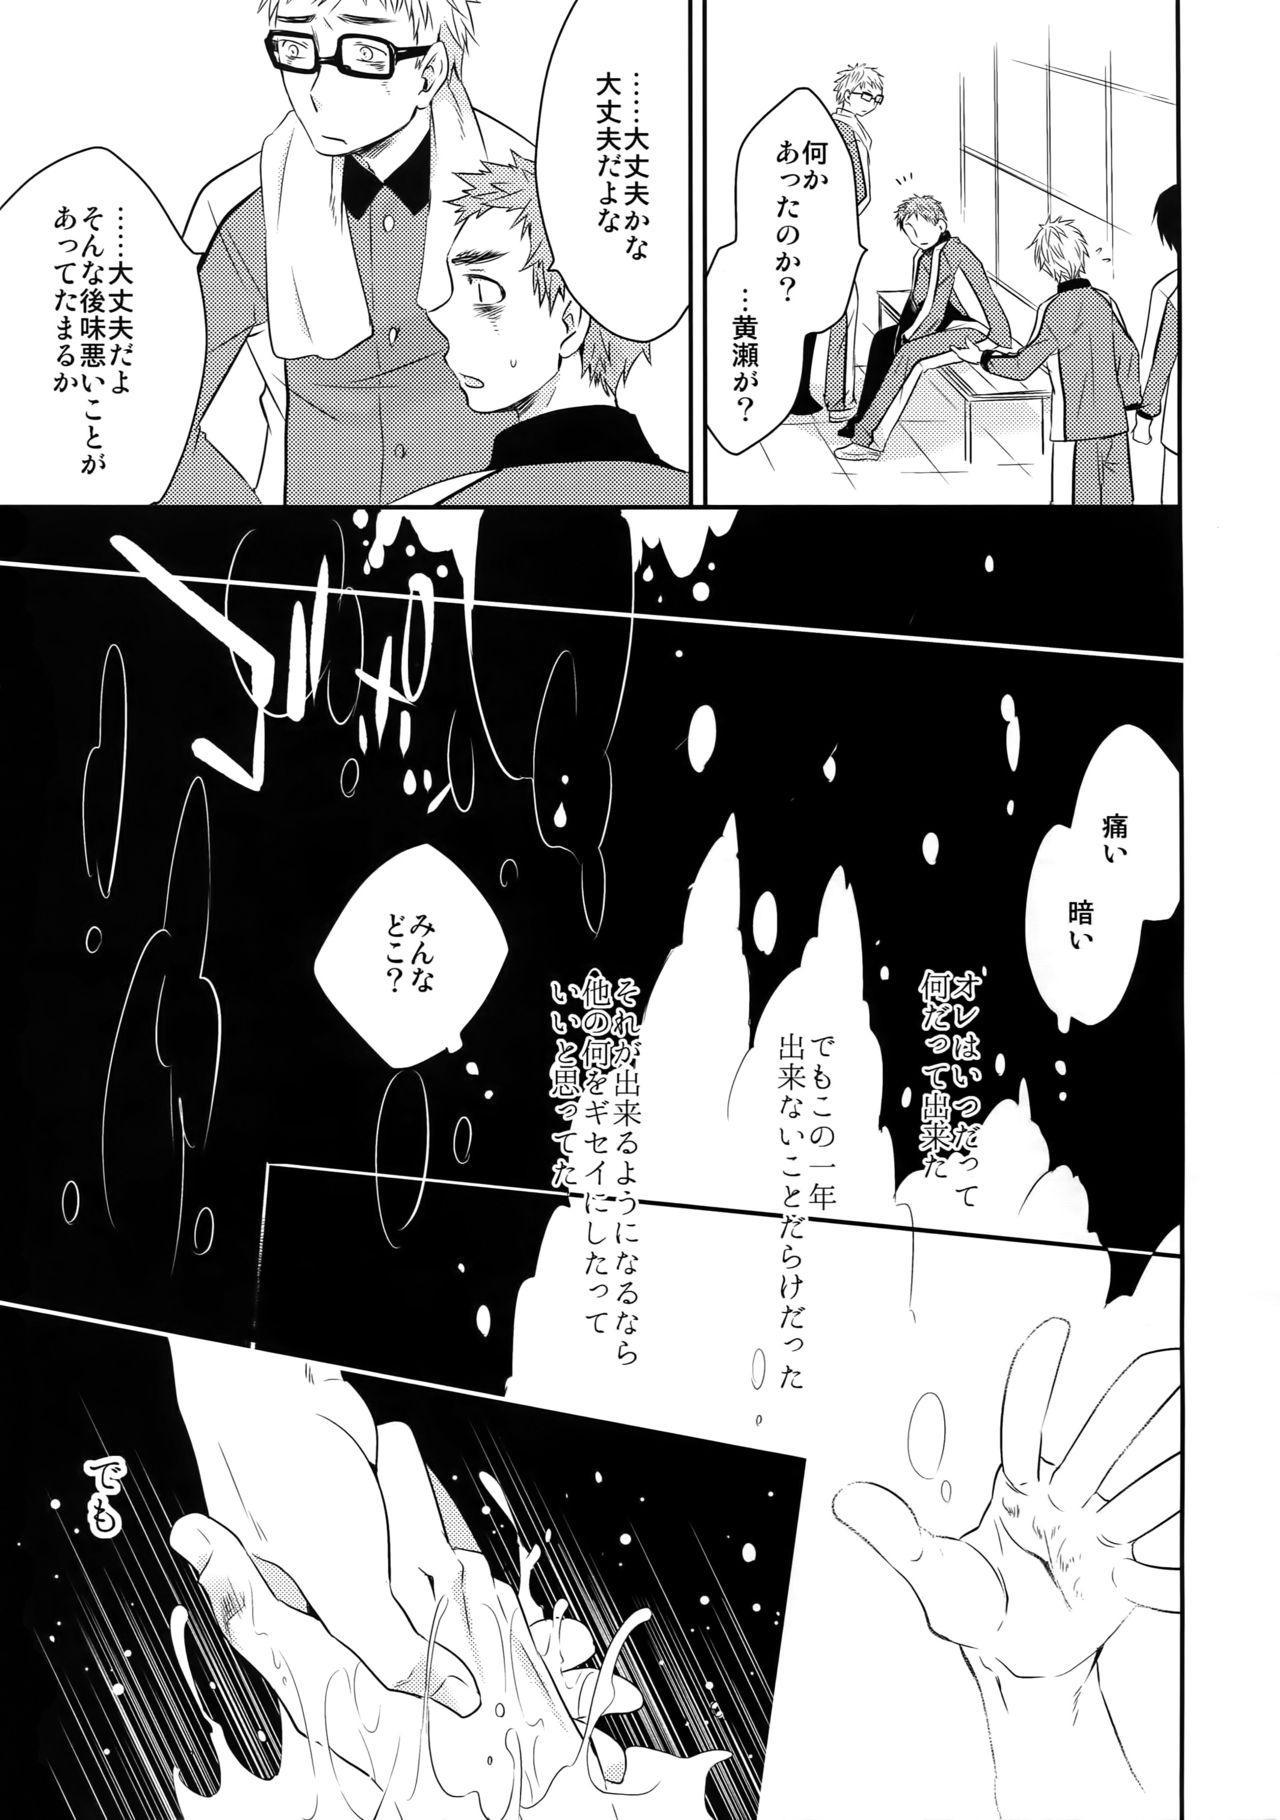 [Bakuchi Jinsei SP (Satsuki Fumi)] Kanpeki Kareshi to Zettai Ryouiki Ouji-sama - Another Version - (Kuroko no Basket) 125